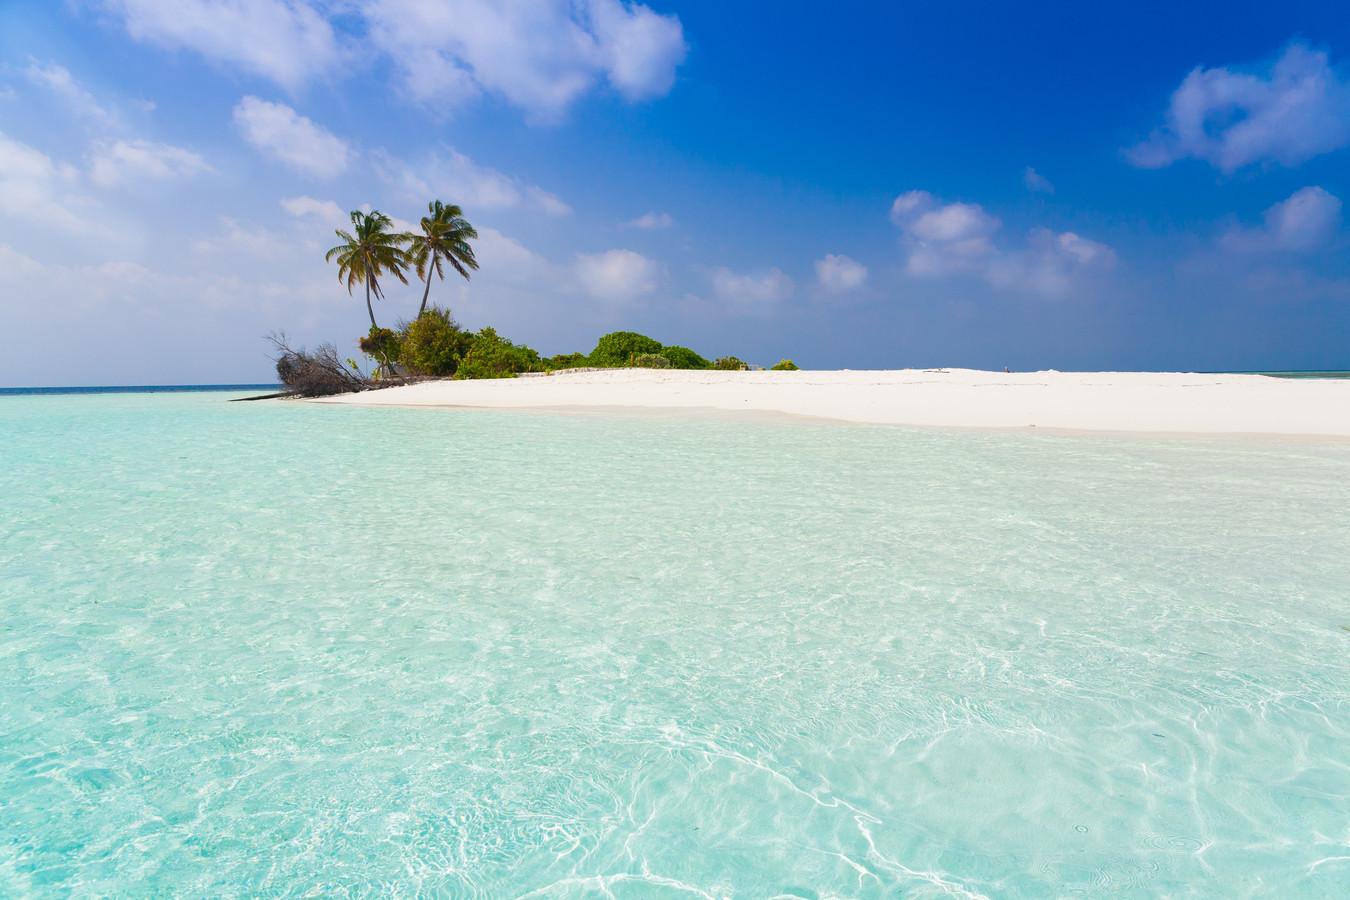 De Thaise stranden zijn nagenoeg leeg doordat het land buitenlandse toeristen weert.